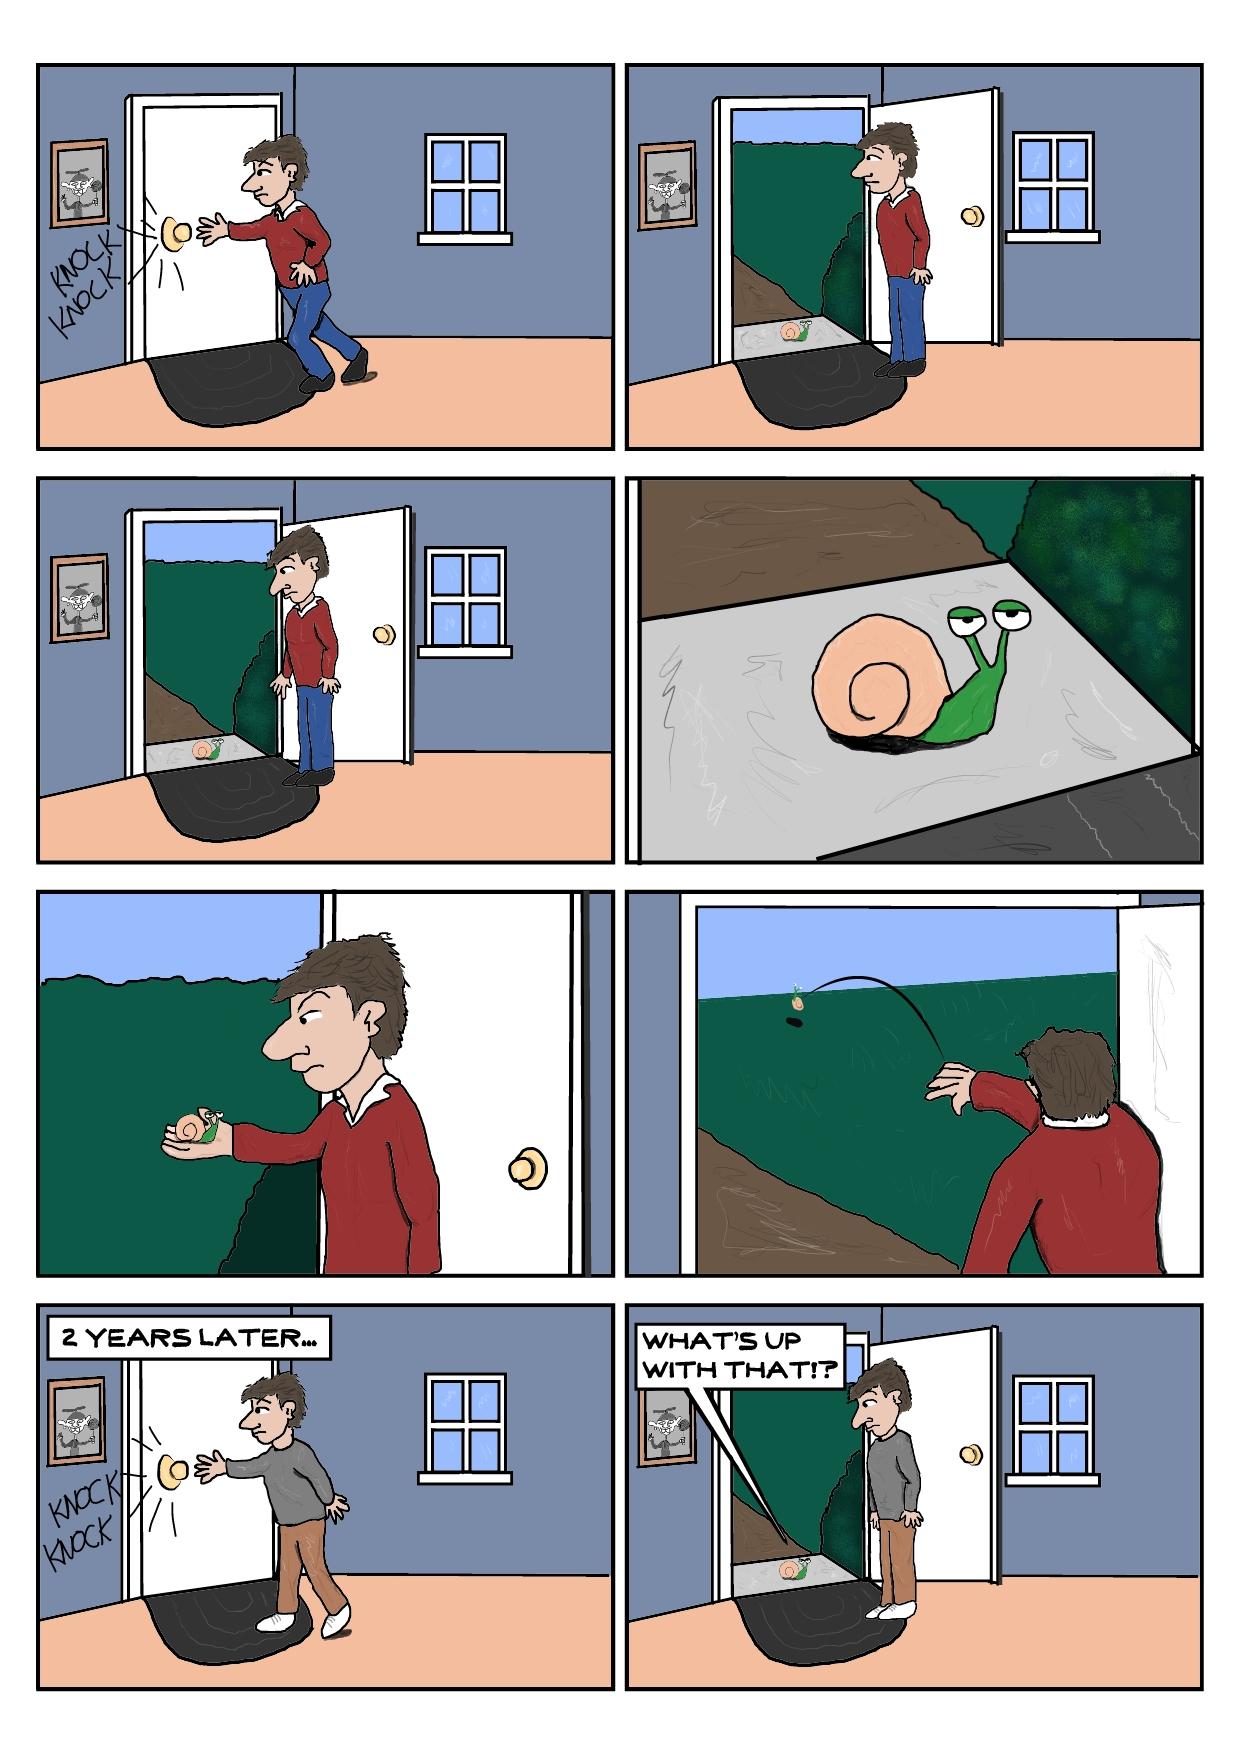 Illustration Of The Snail Joke